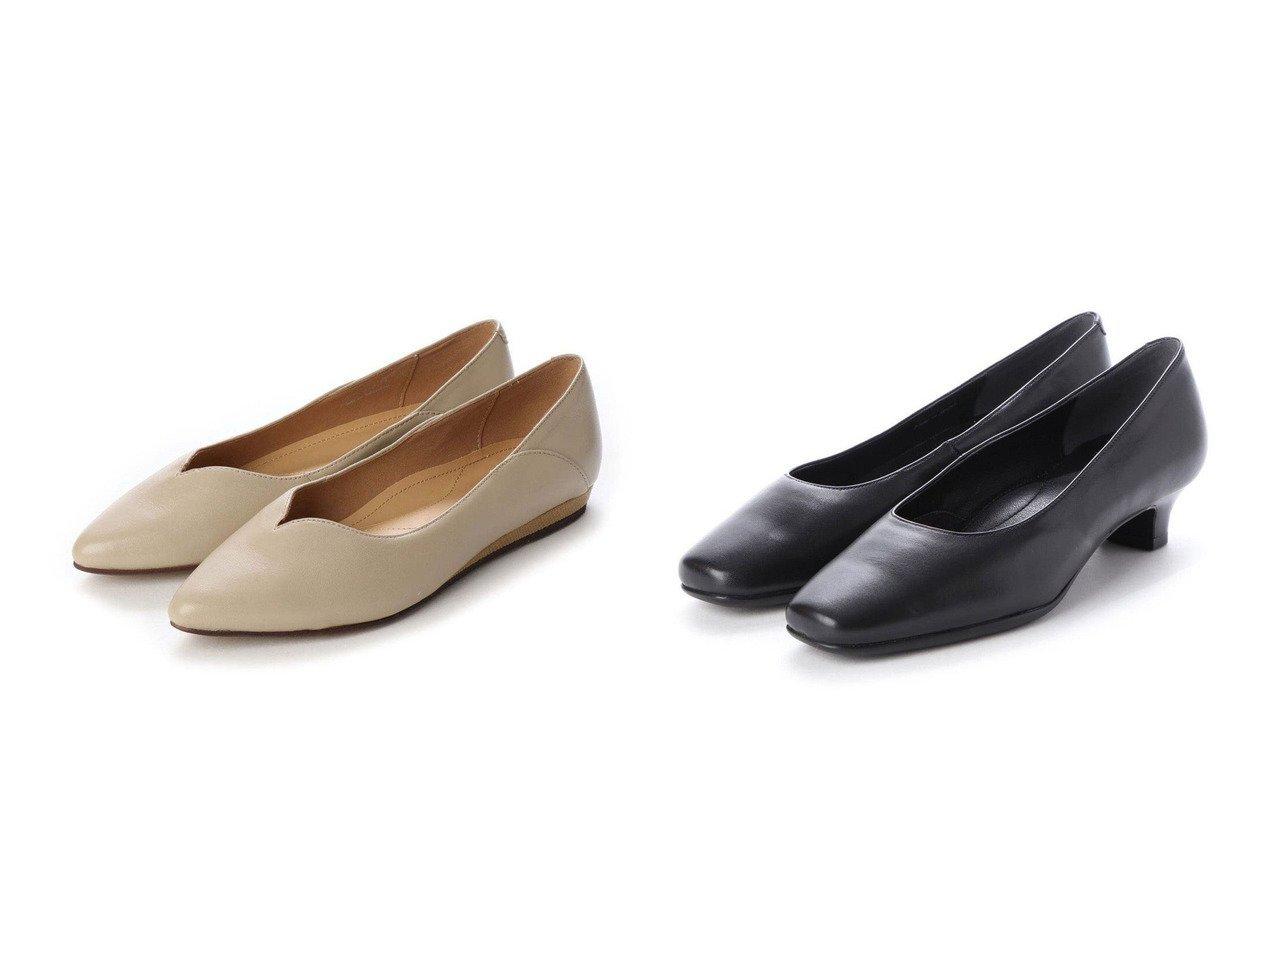 【ing/イング】のポインテッドフラットパンプス&ブラックパンプス 【シューズ・靴】おすすめ!人気、トレンド・レディースファッションの通販 おすすめで人気の流行・トレンド、ファッションの通販商品 メンズファッション・キッズファッション・インテリア・家具・レディースファッション・服の通販 founy(ファニー) https://founy.com/ ファッション Fashion レディースファッション WOMEN クッション シューズ トレンド 定番 Standard バランス フォーマル ベーシック 送料無料 Free Shipping おすすめ Recommend 日本製 Made in Japan フラット 再入荷 Restock/Back in Stock/Re Arrival |ID:crp329100000029197